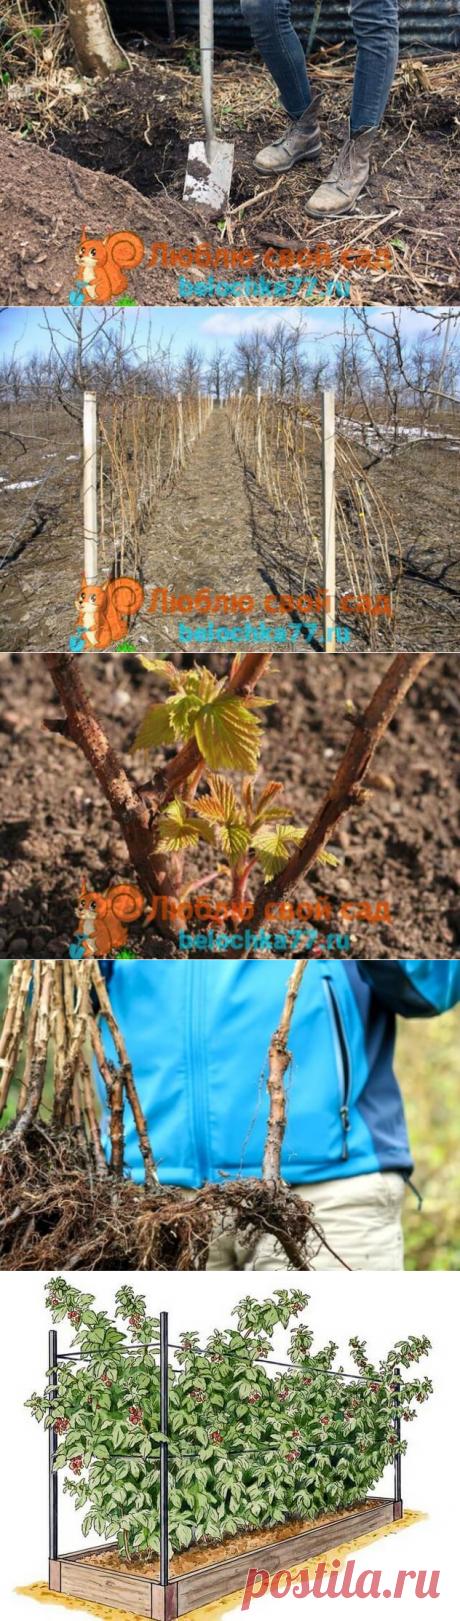 Пересадка малины осенью: сроки и процесс — Бабушкины секреты